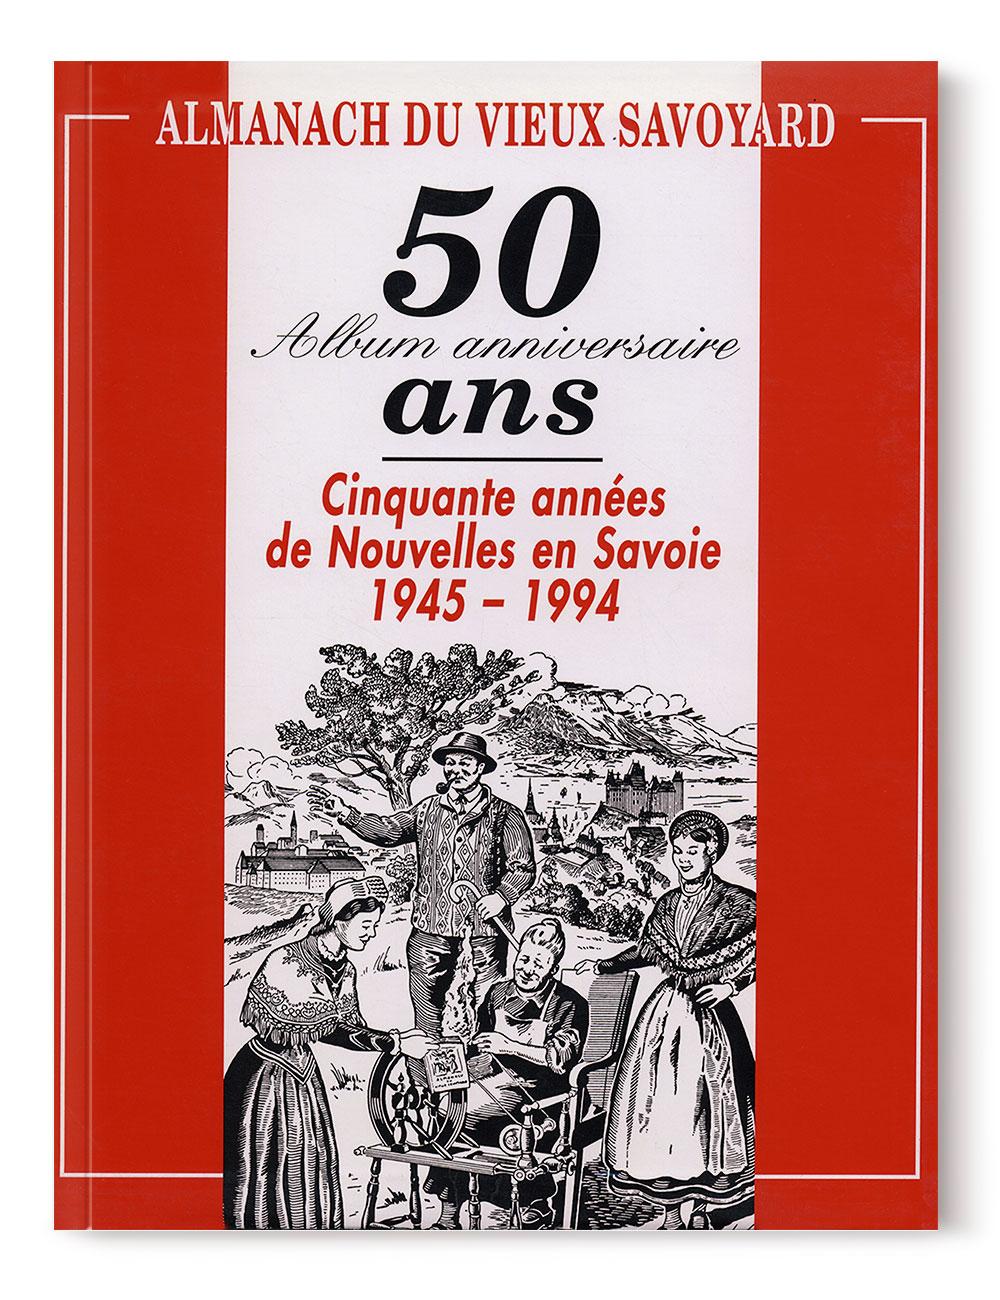 Livre Histoire des Pays de Savoie - 50 ans d'Almanach Savoyard